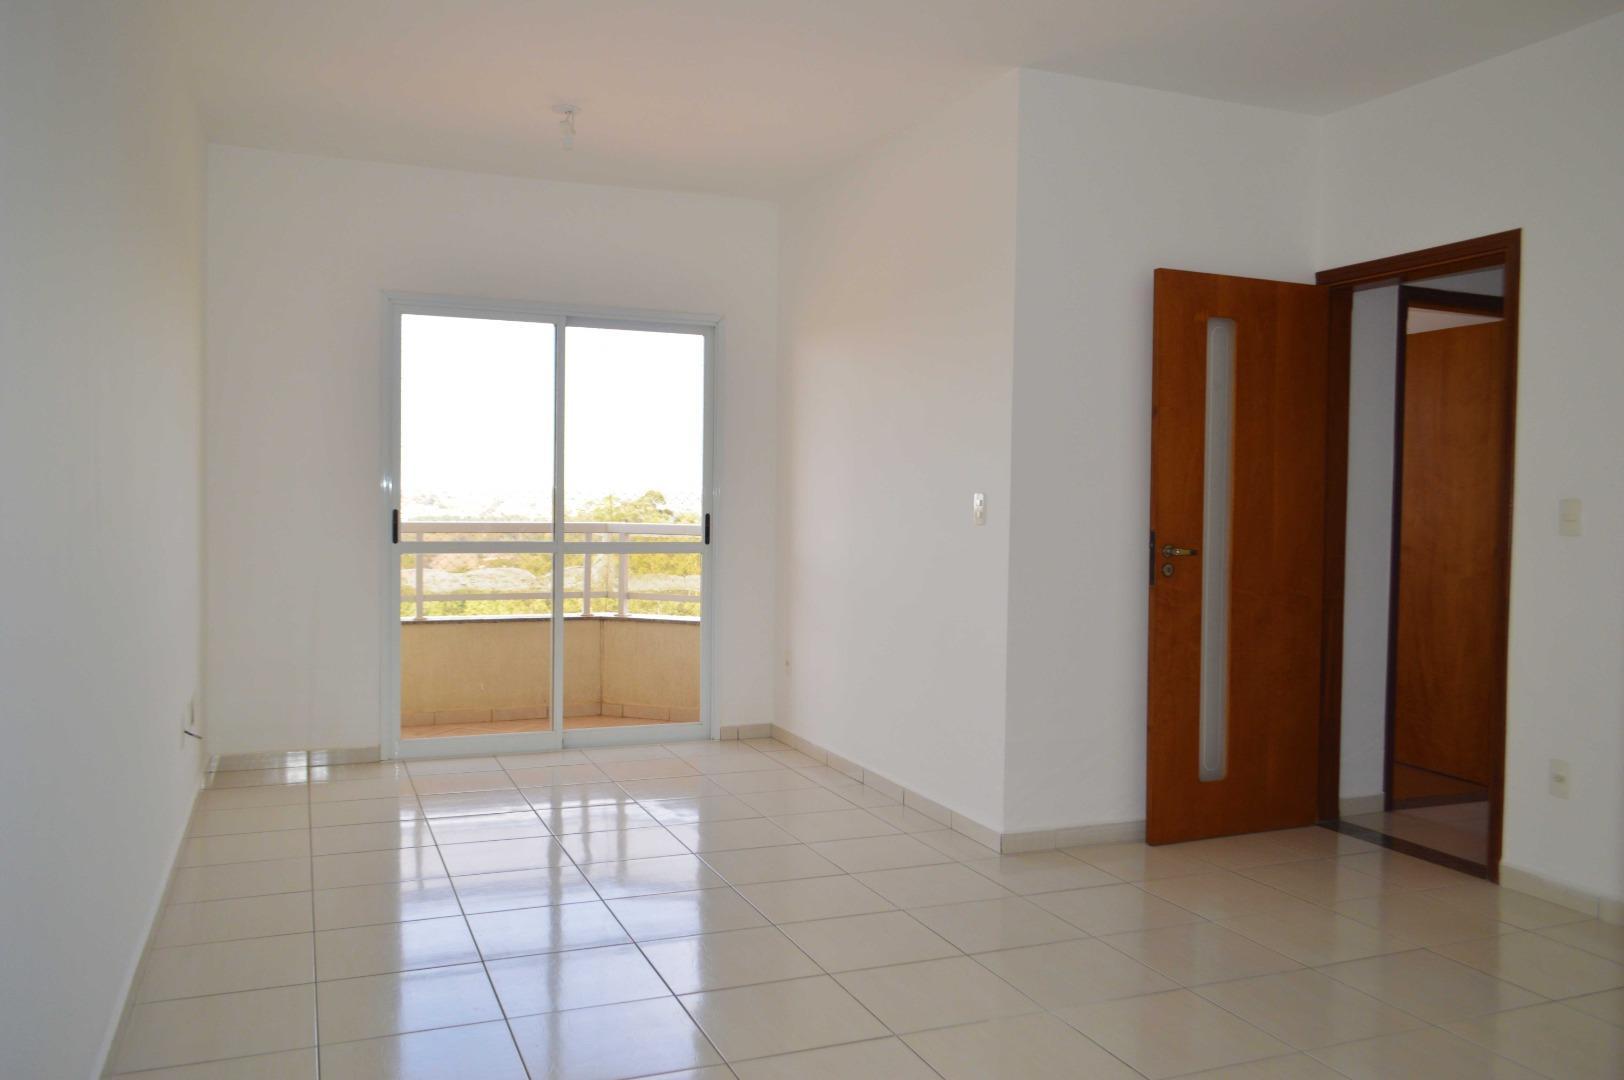 Apartamento com 3 dormitórios à venda, 77 m² por R$ 320.000 - Parque Fabrício - Nova Odessa/SP